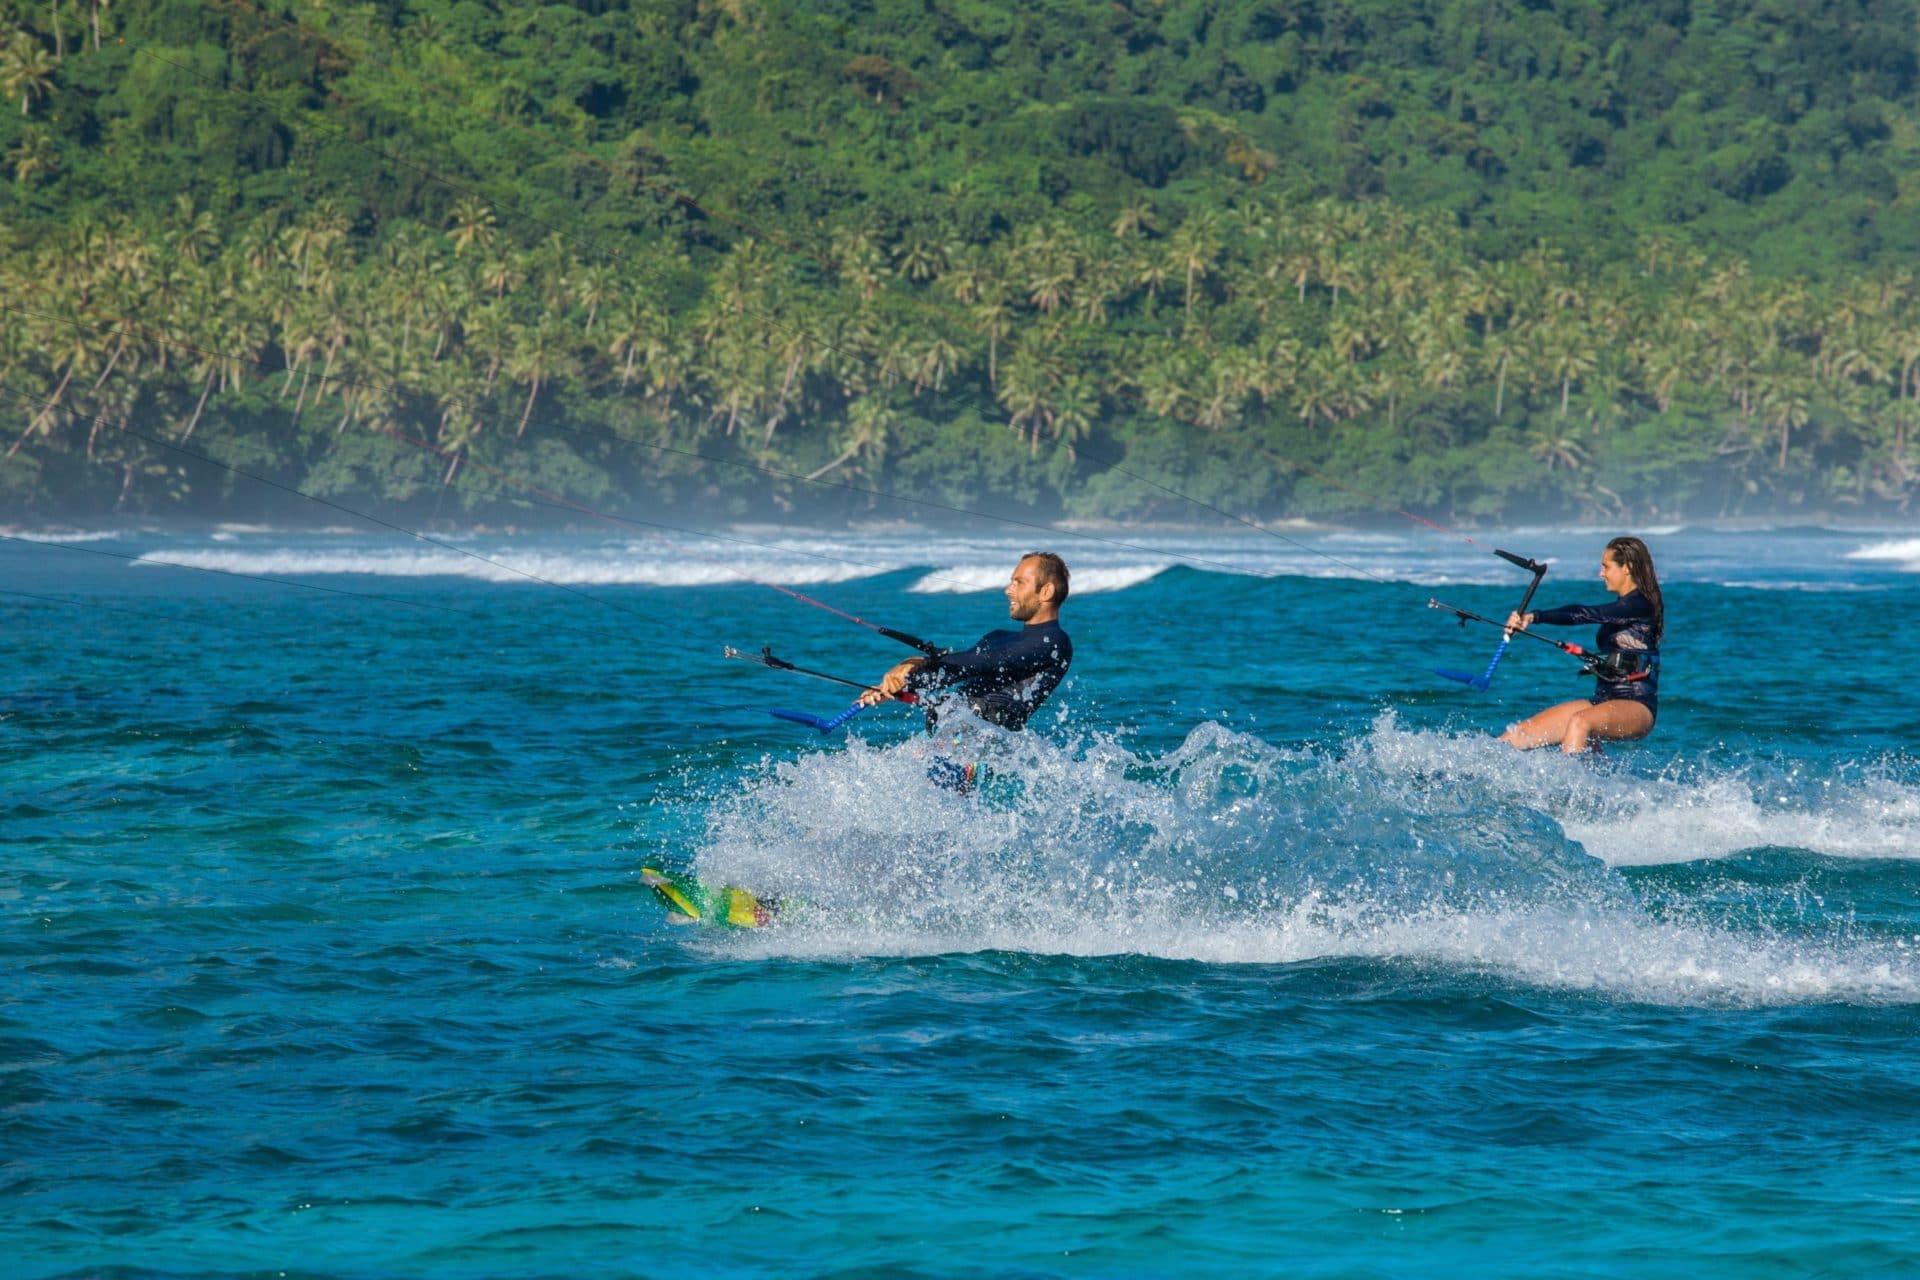 L'équipe de JKS-Kitesurf.fr navigue les eaux bleues des Fiji